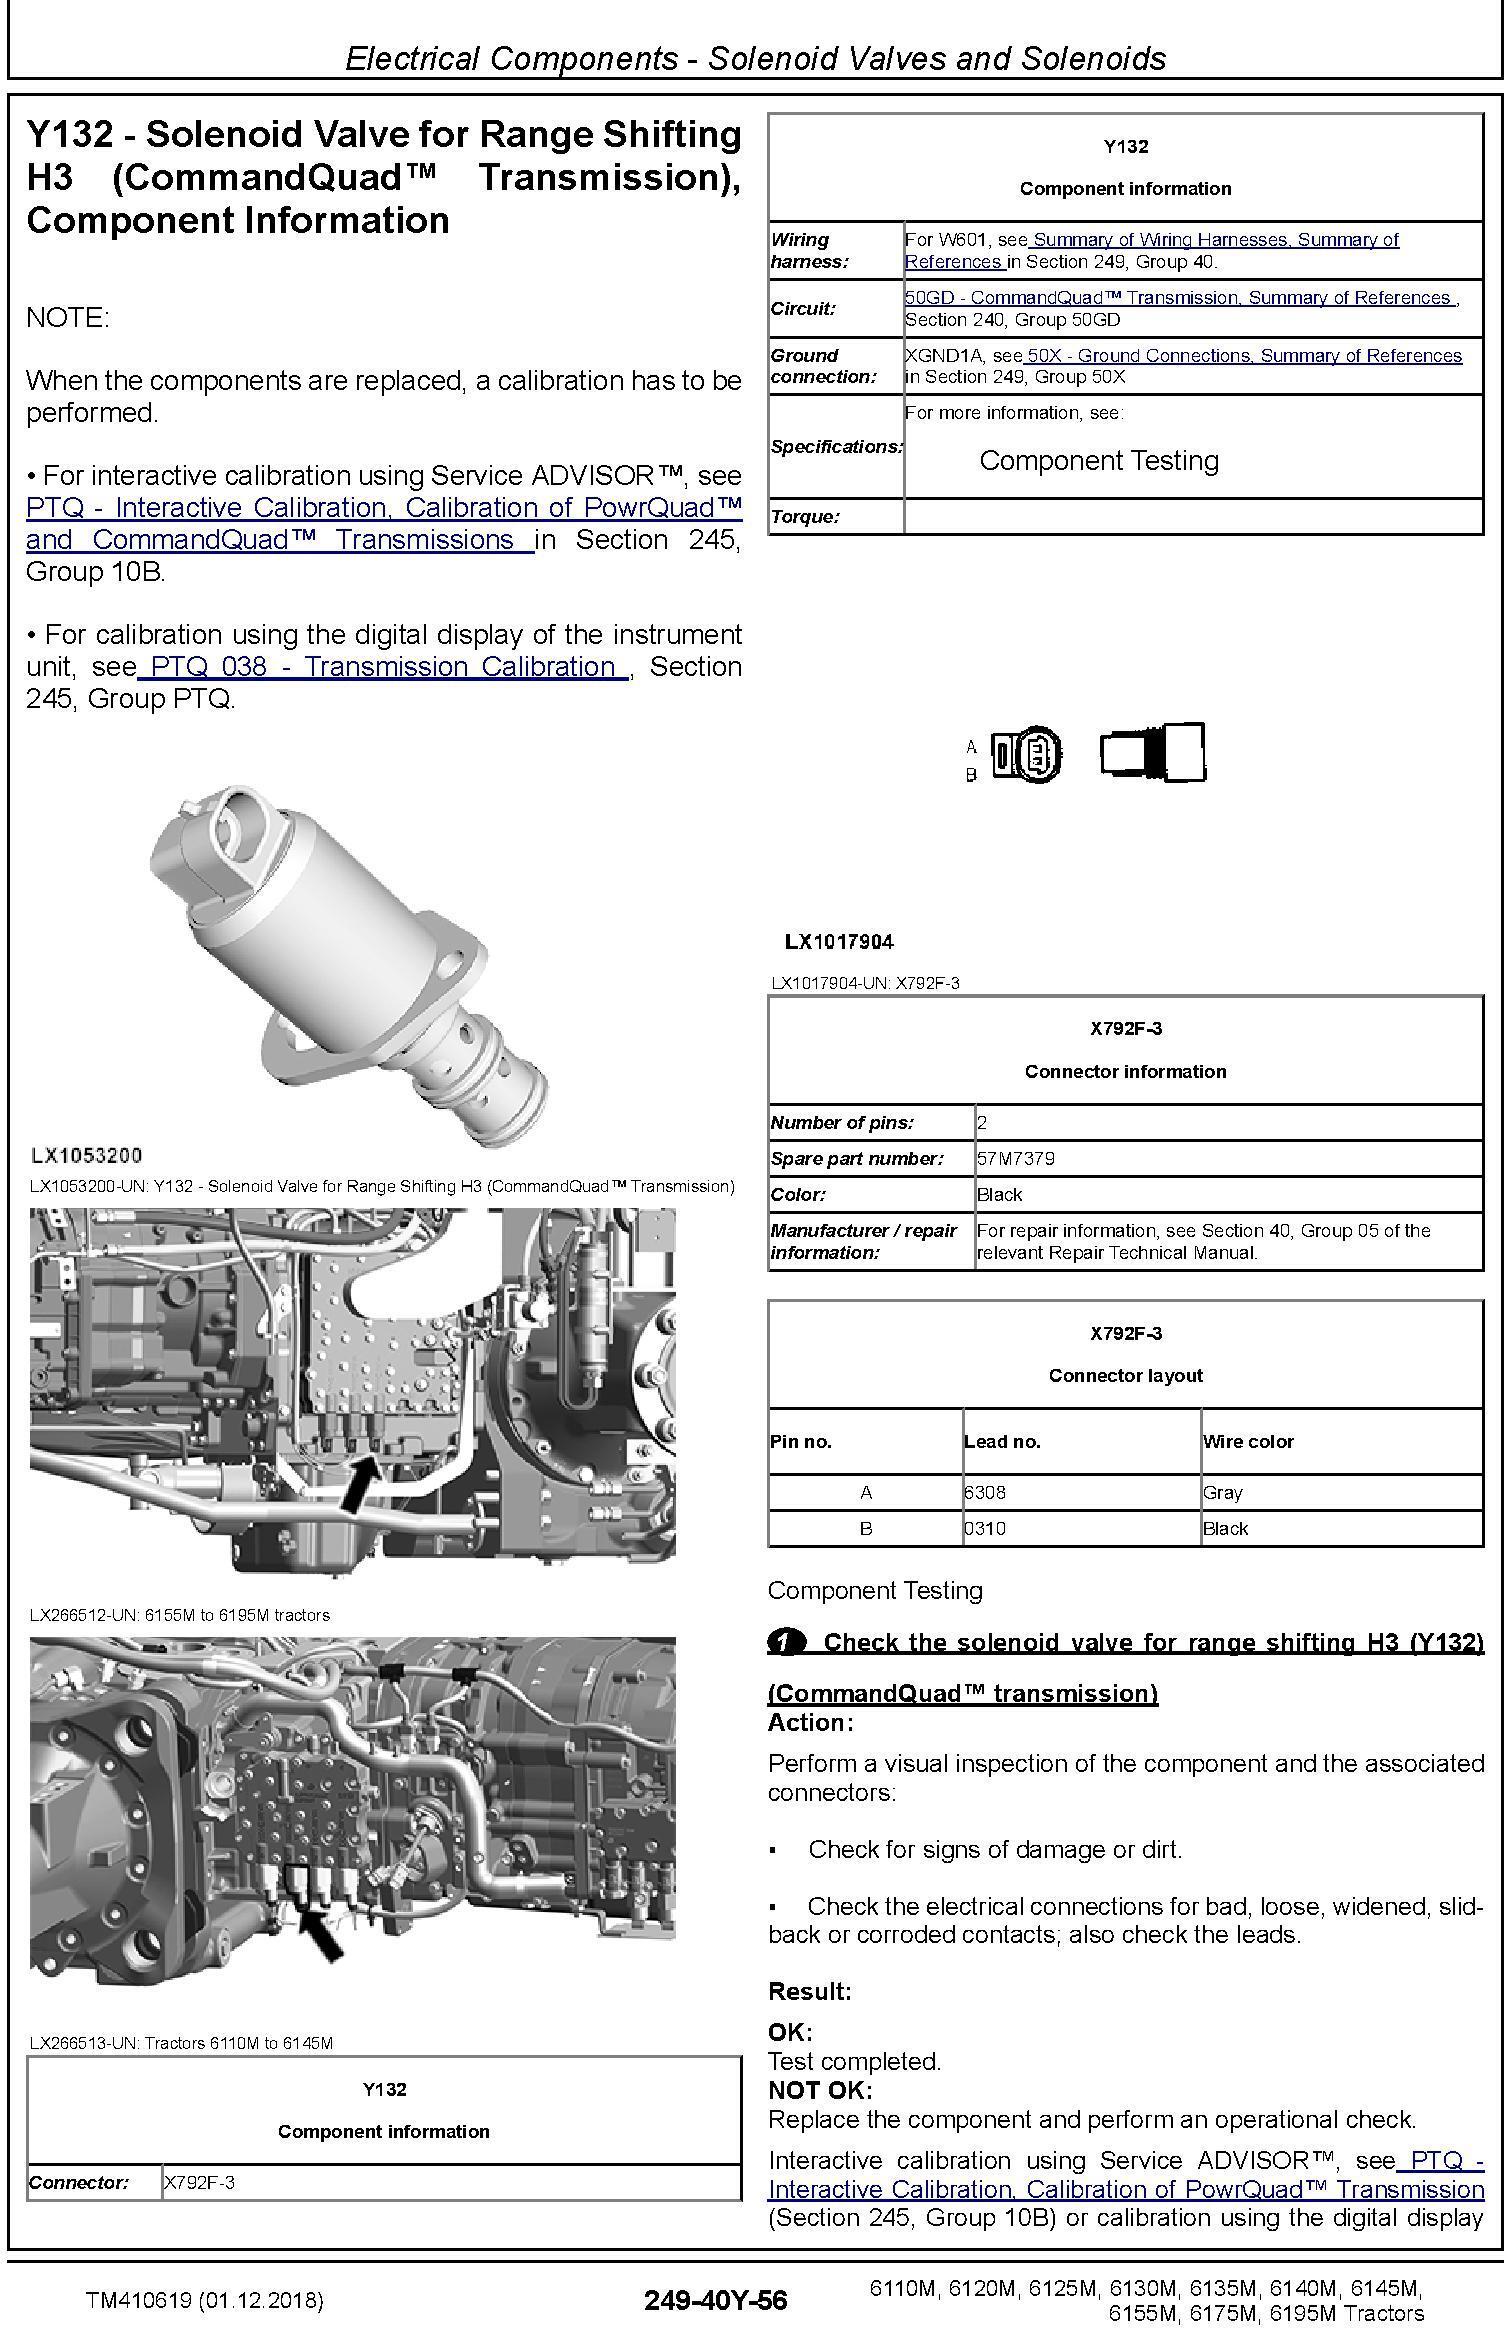 John Deere 6110M/20M 6130M/40M 6125M/35M 6145M/55M 6175M 6195M Tractors Diagnostic Manual (TM410619) - 1